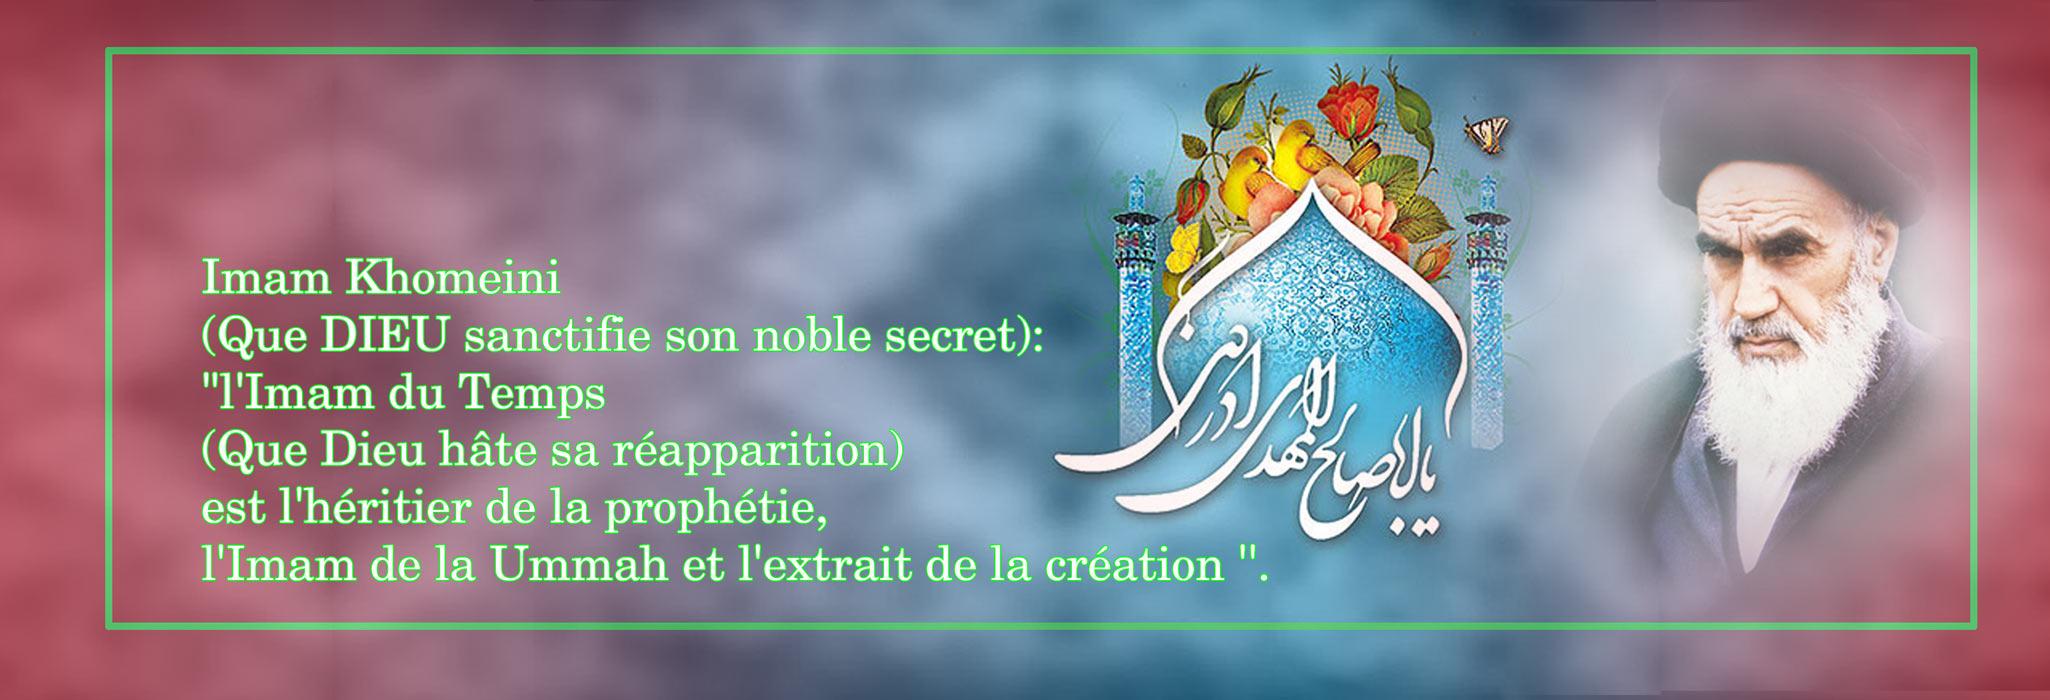 """L`Imam Khomeini: """"Je souhaite que ce mouvement et que cette Révolution aboutissent à l'apparition de l'Imam Al-Asr (Que DIEU facilite sa noble apparition)""""."""